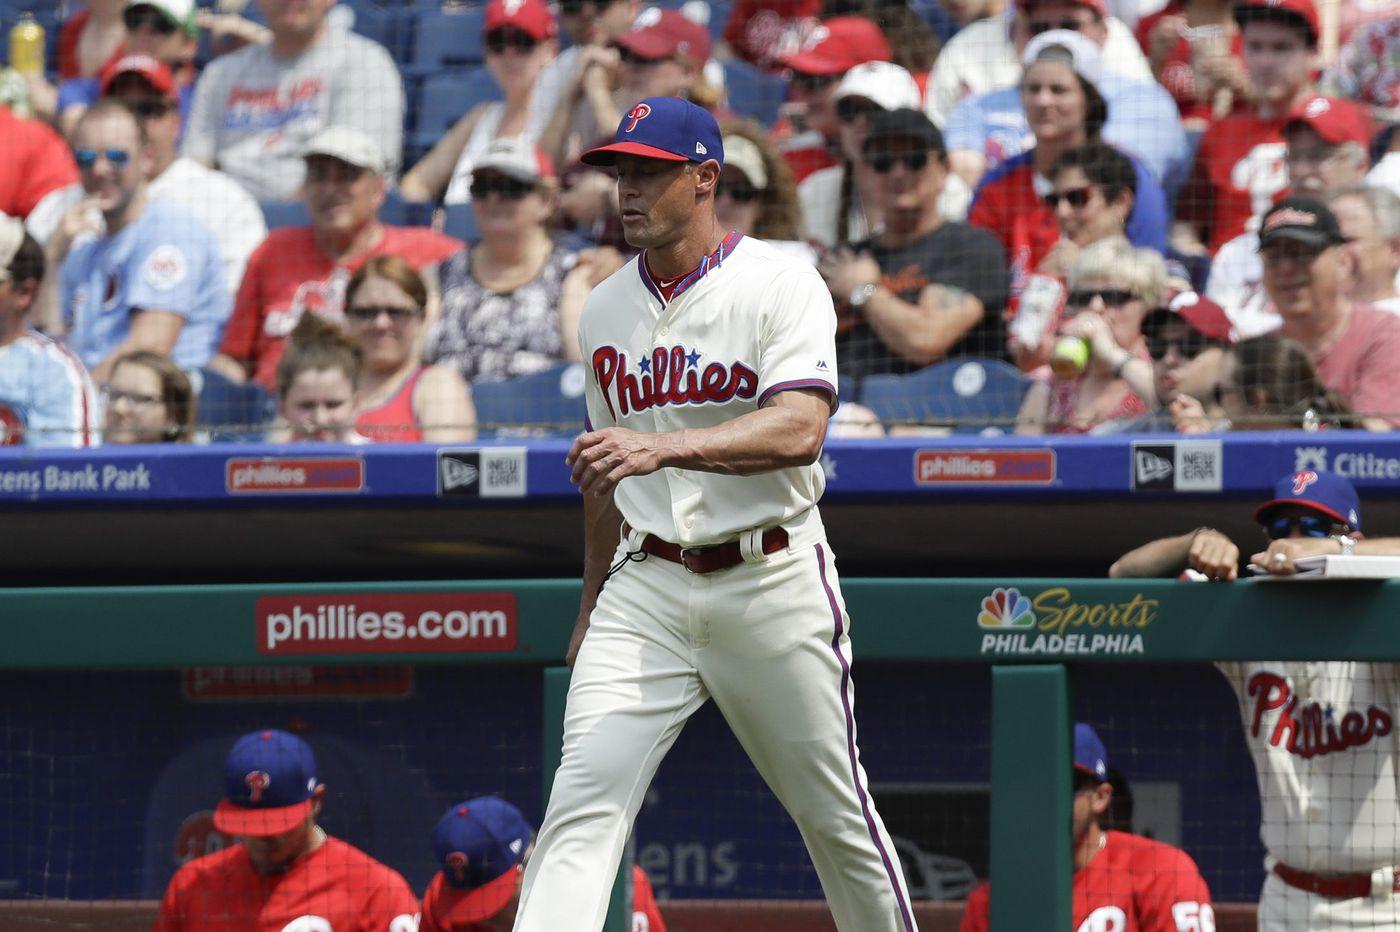 Gabe Kapler isn't God, and the Phillies bullpen has few good options | Mike Sielski